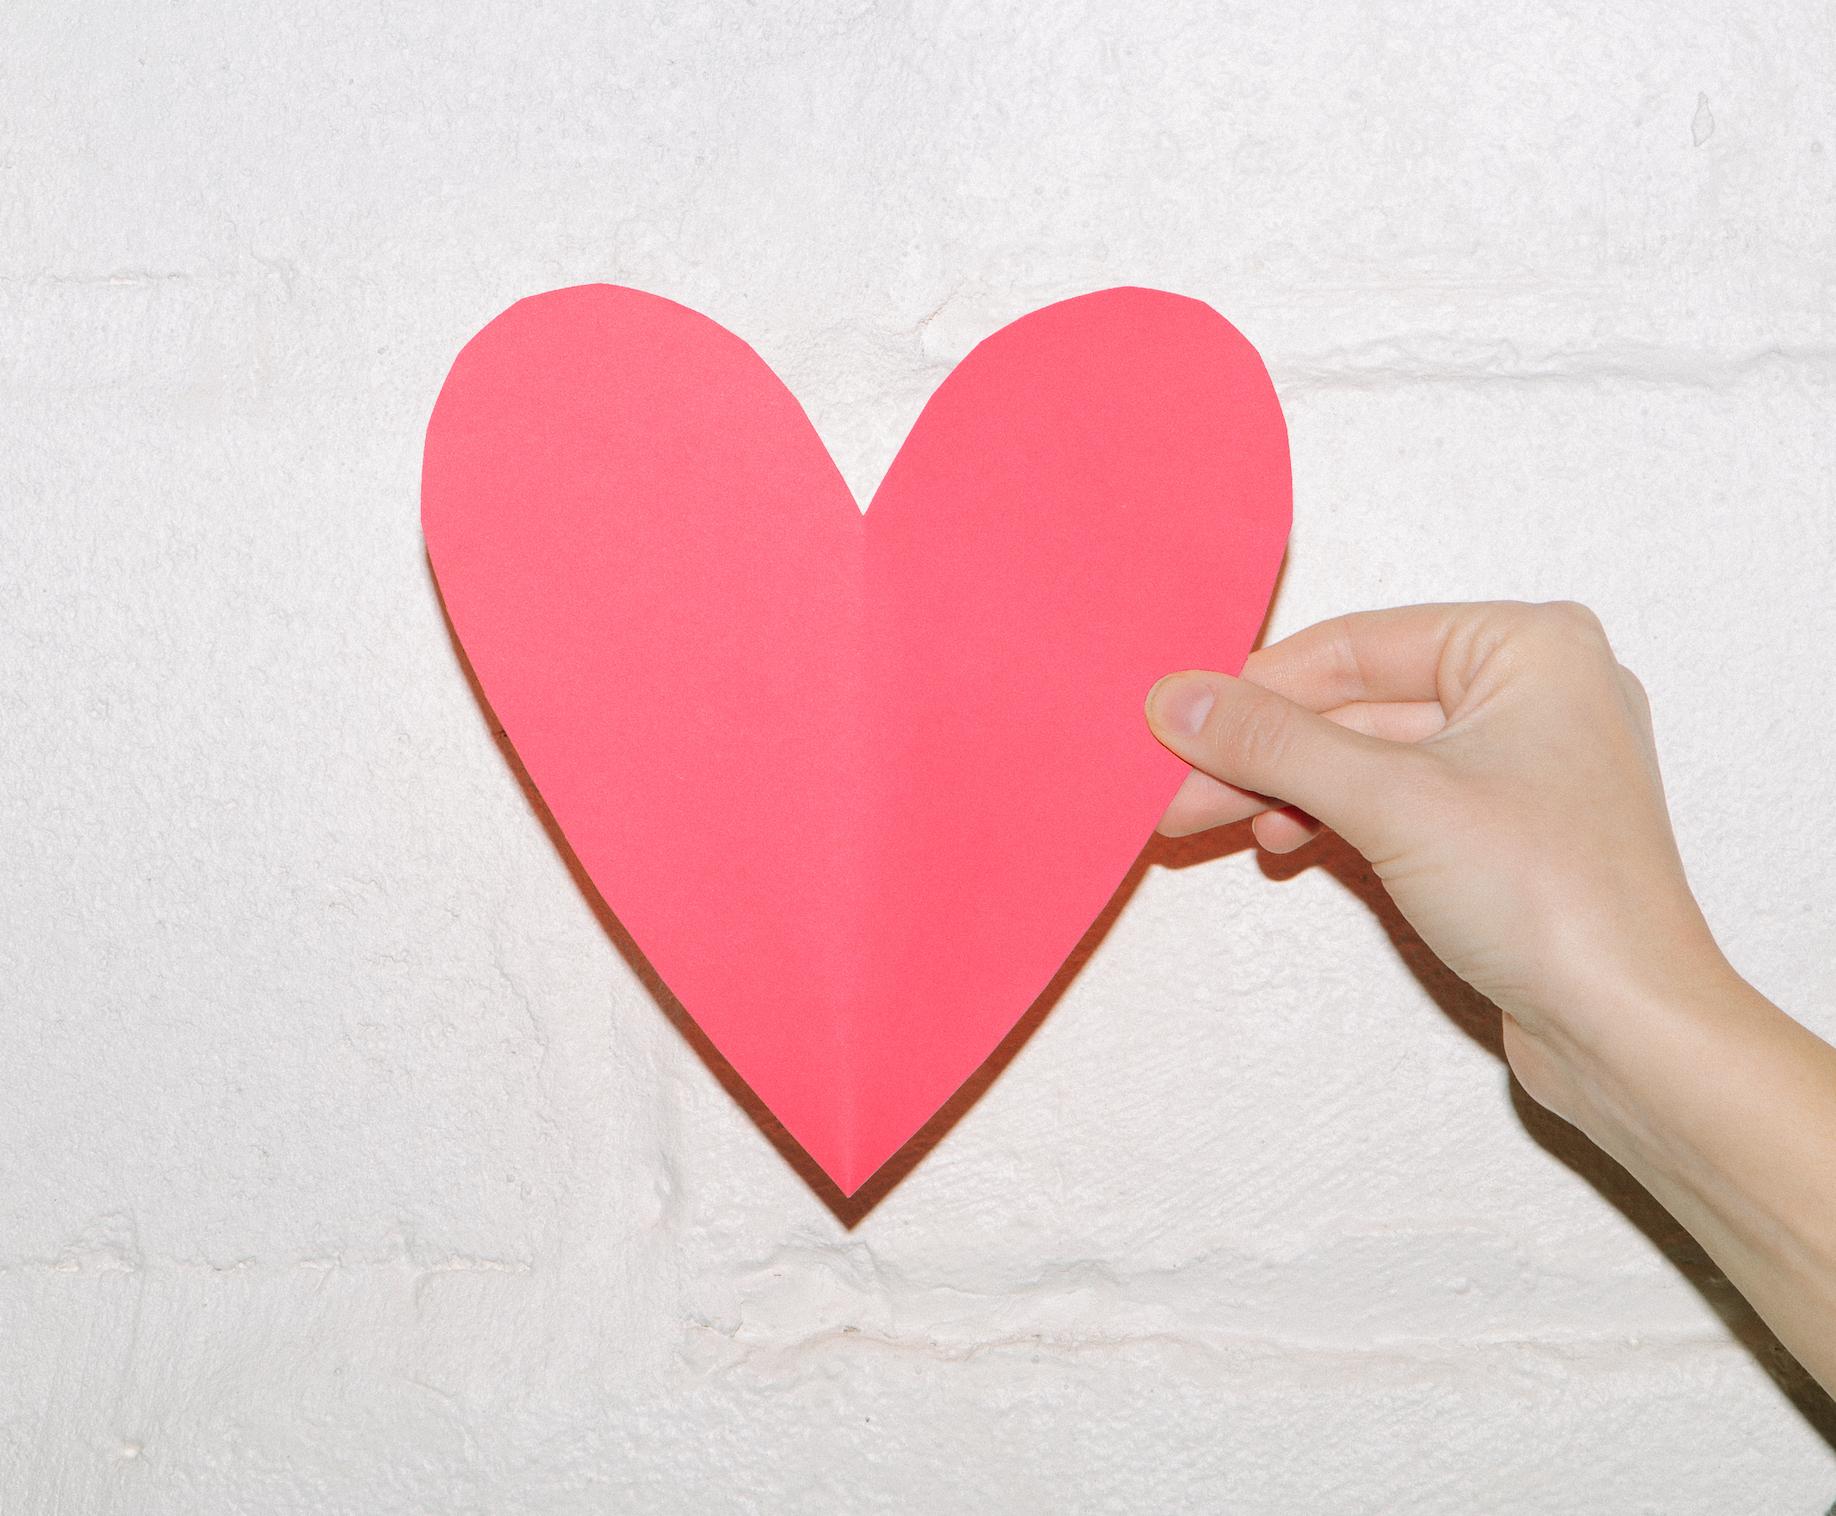 heartfortext